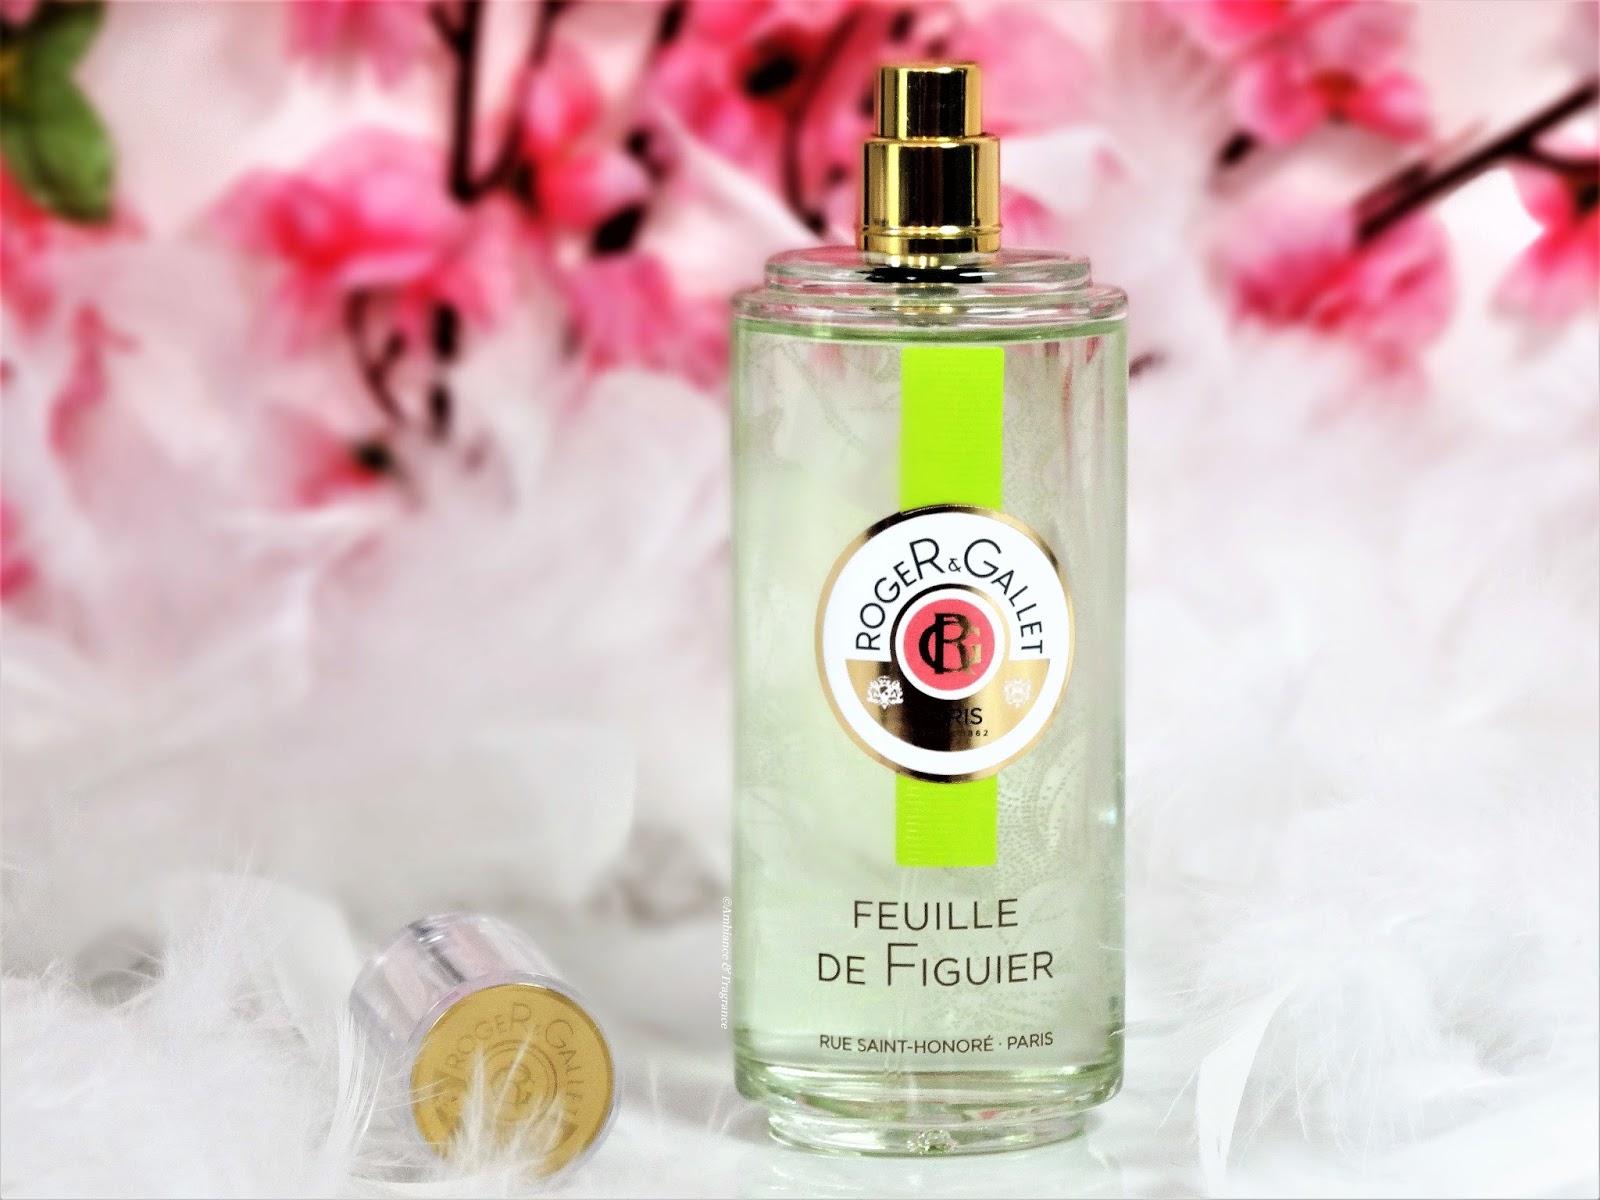 Feuille De Figuier De Roger Gallet Ambiance Et Fragrance Blog